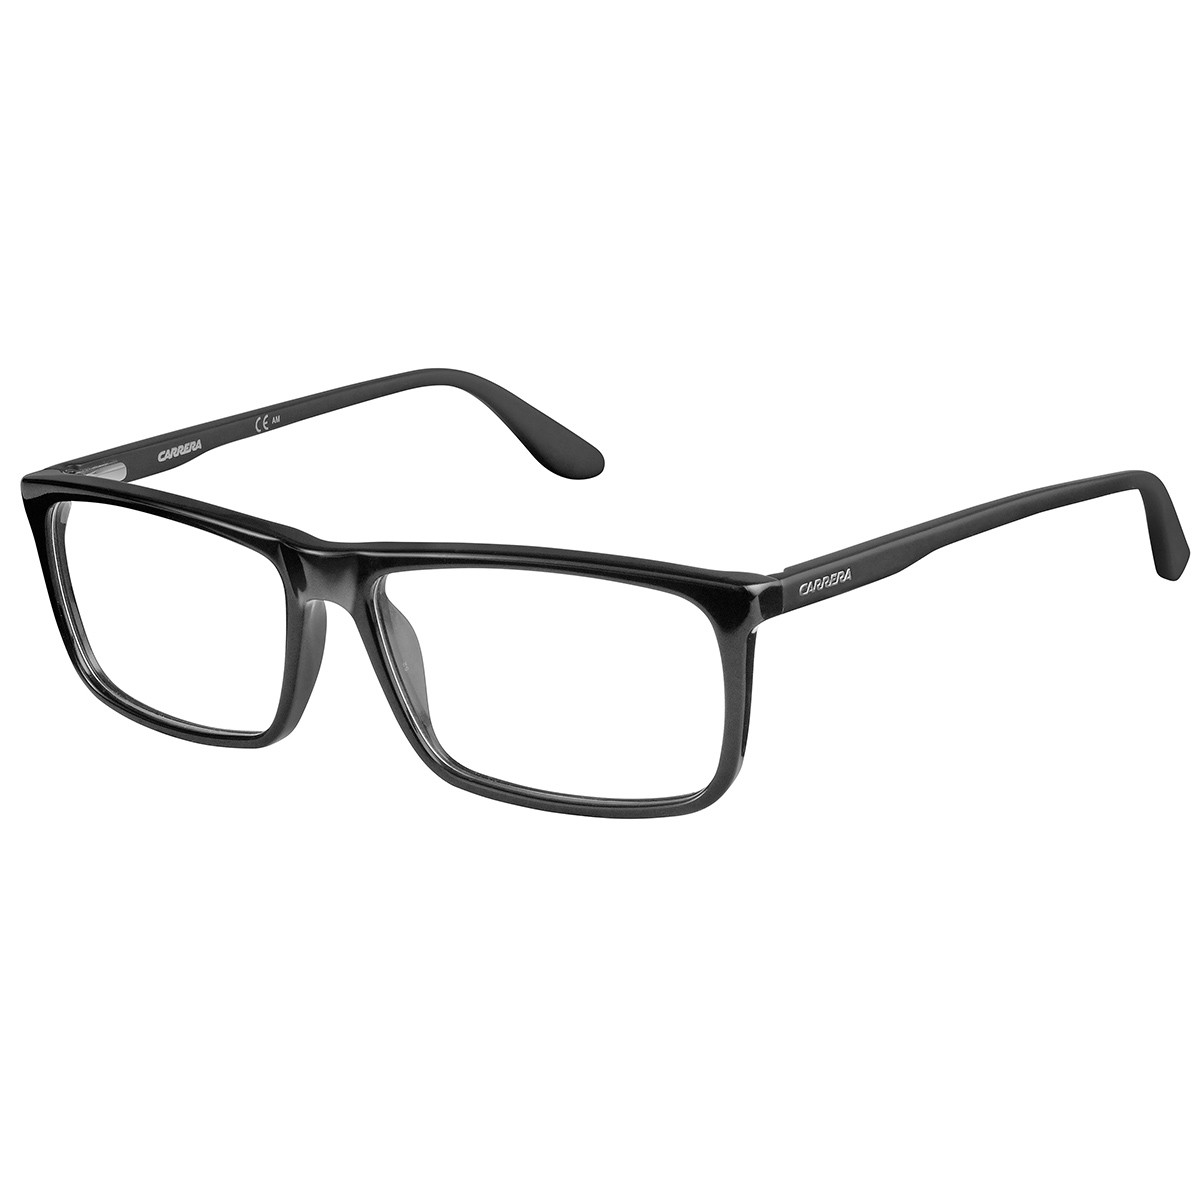 9d7a116cb1f07 Compre Óculos de Grau Carrera em 10X